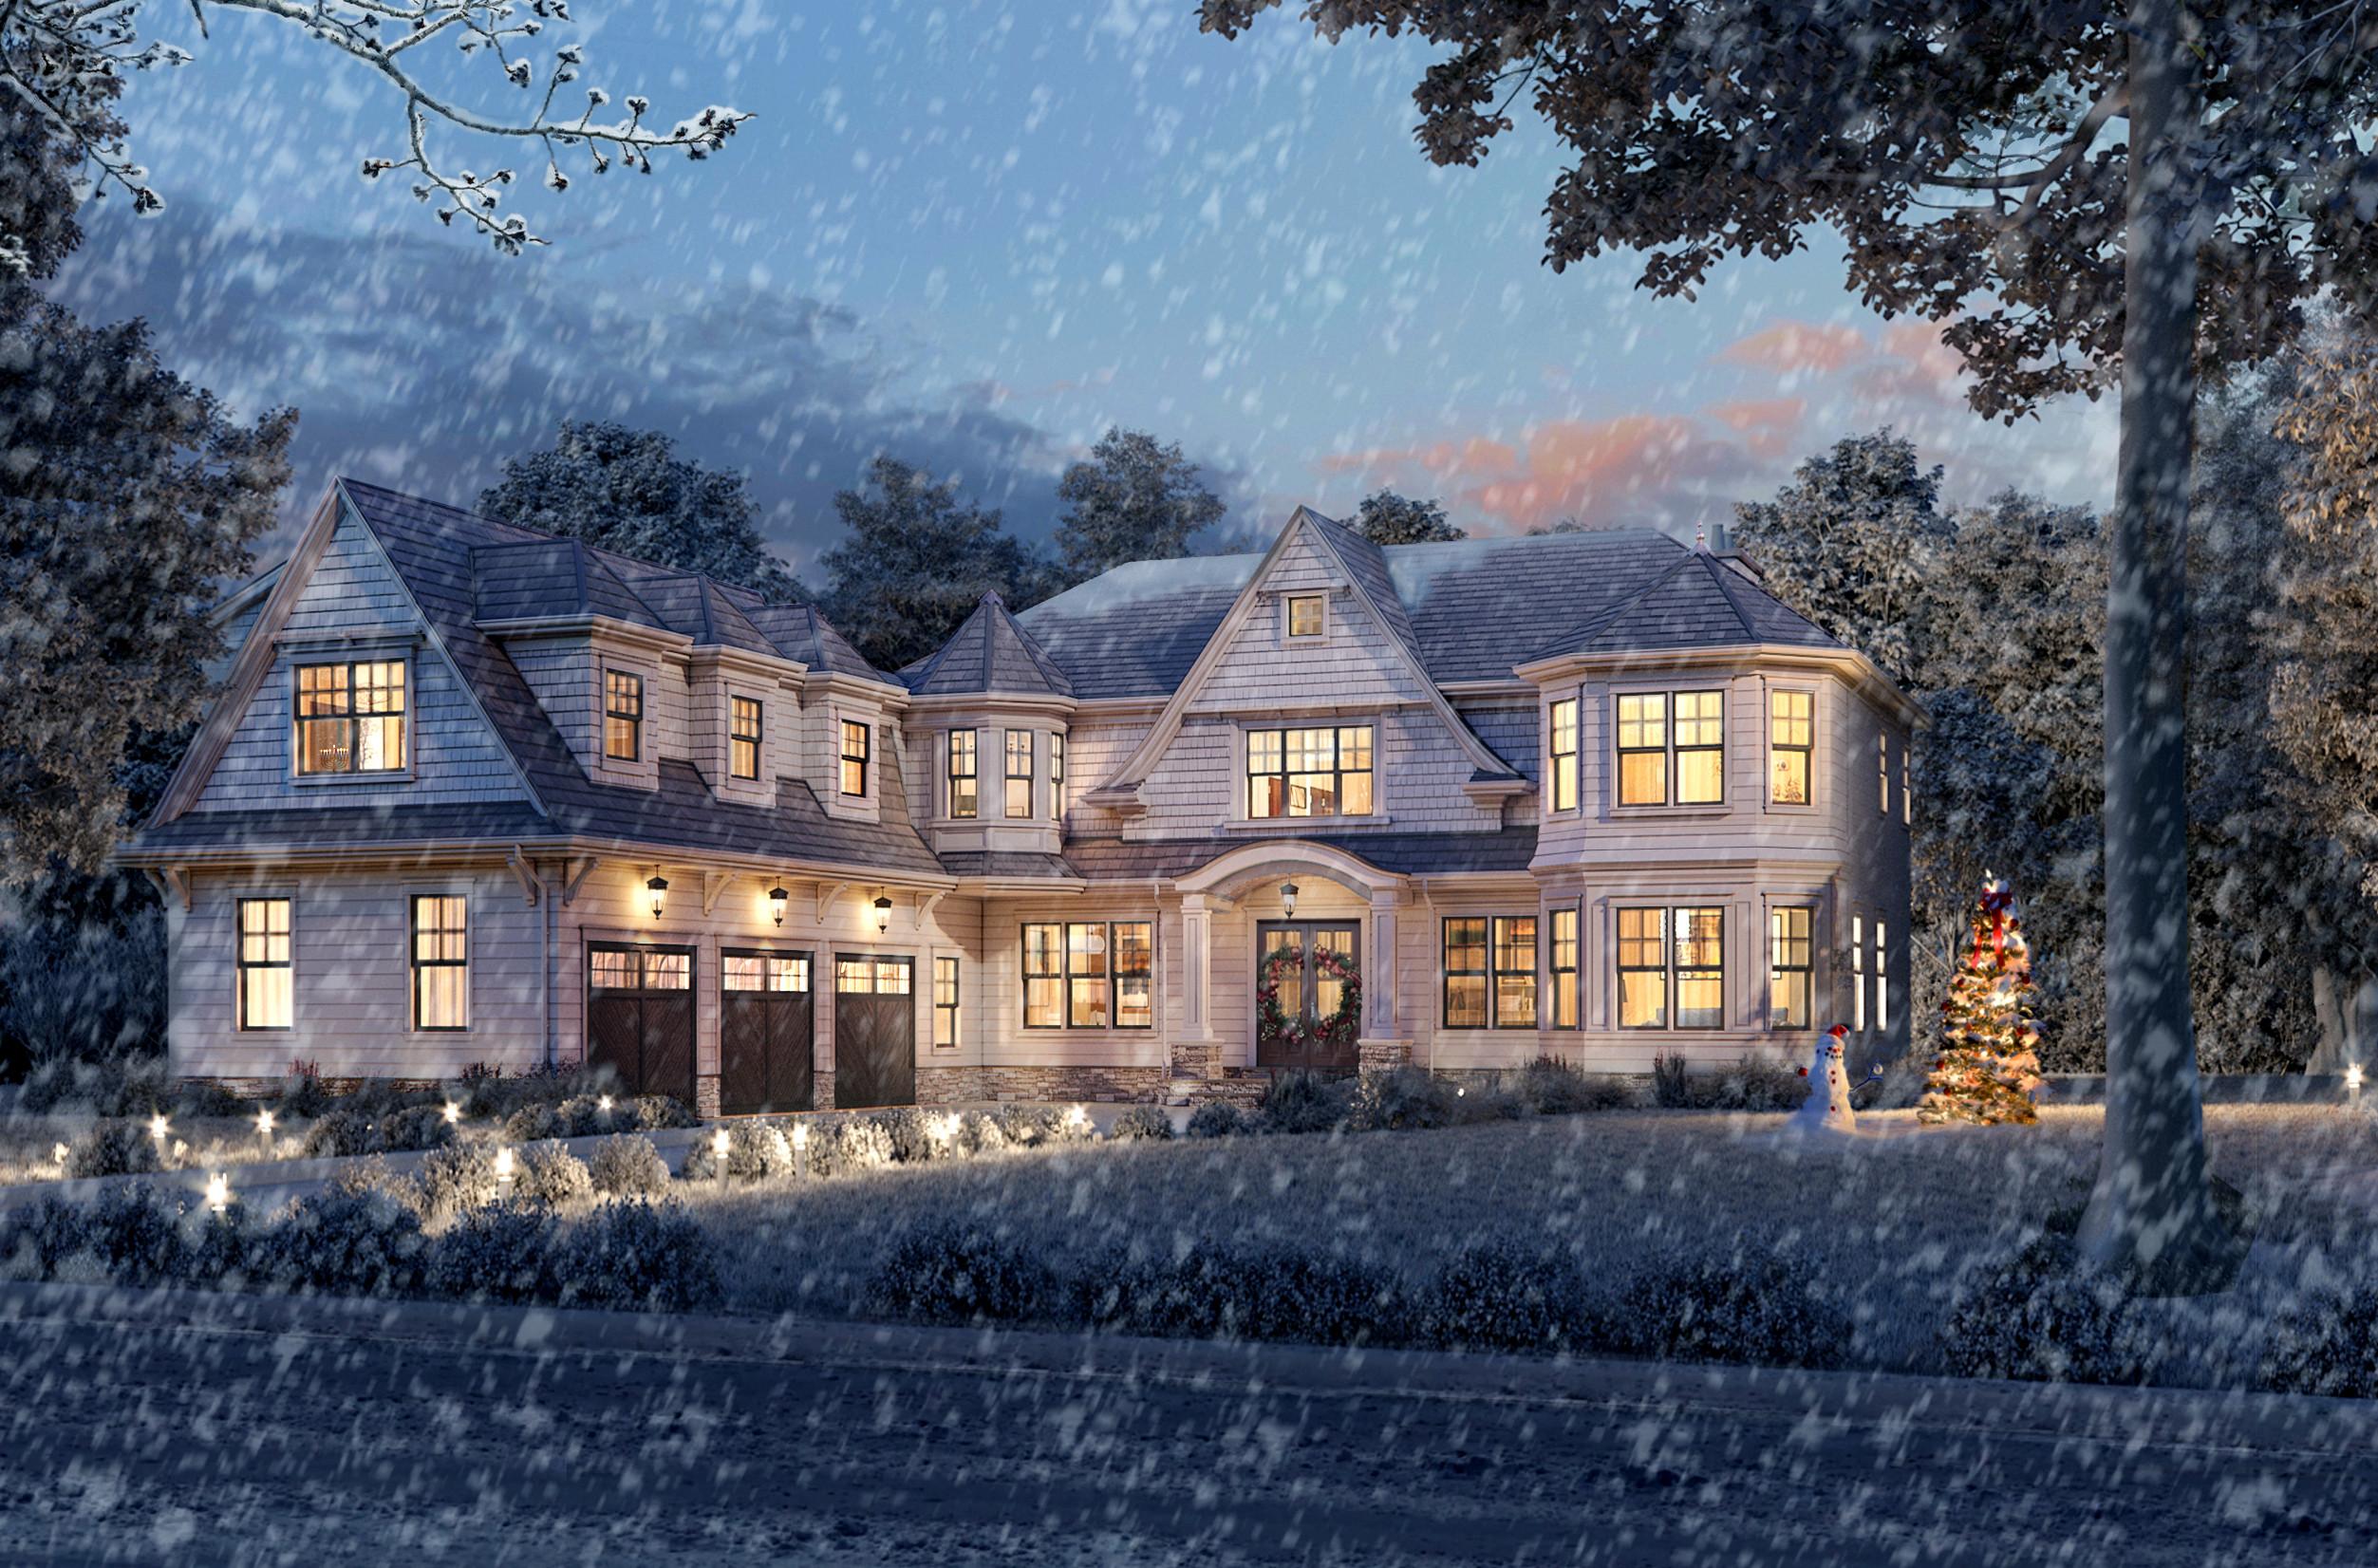 Whimsical White Winter Wonderland Home